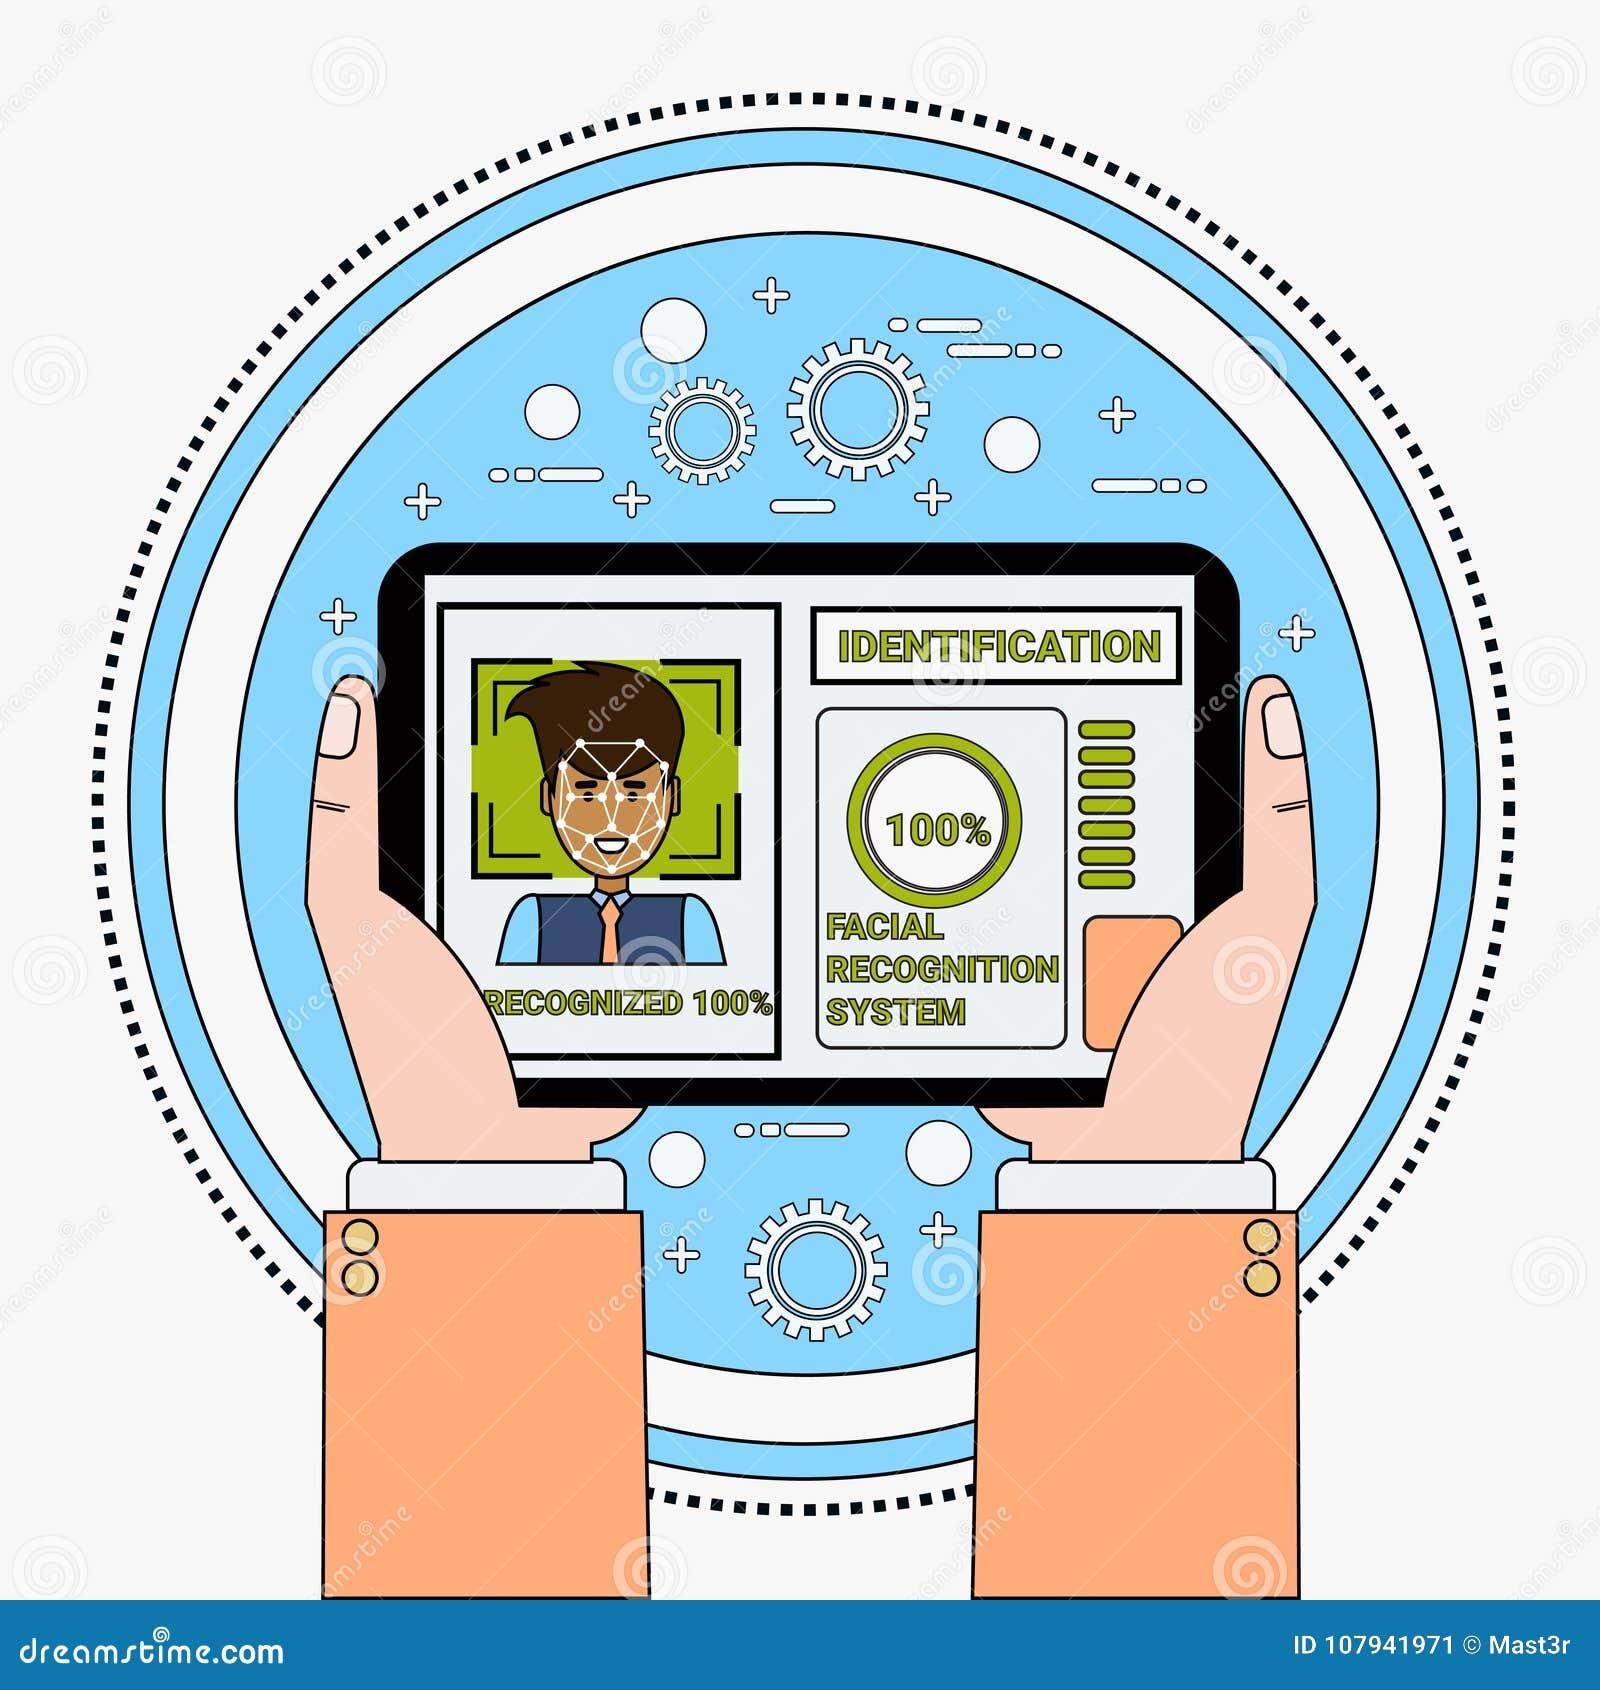 Χεριών εκμετάλλευσης ψηφιακός ταμπλετών προσδιορισμός Biometrical συστημάτων αναγνώρισης και προσδιορισμού προσώπου χρηστών ανίχν